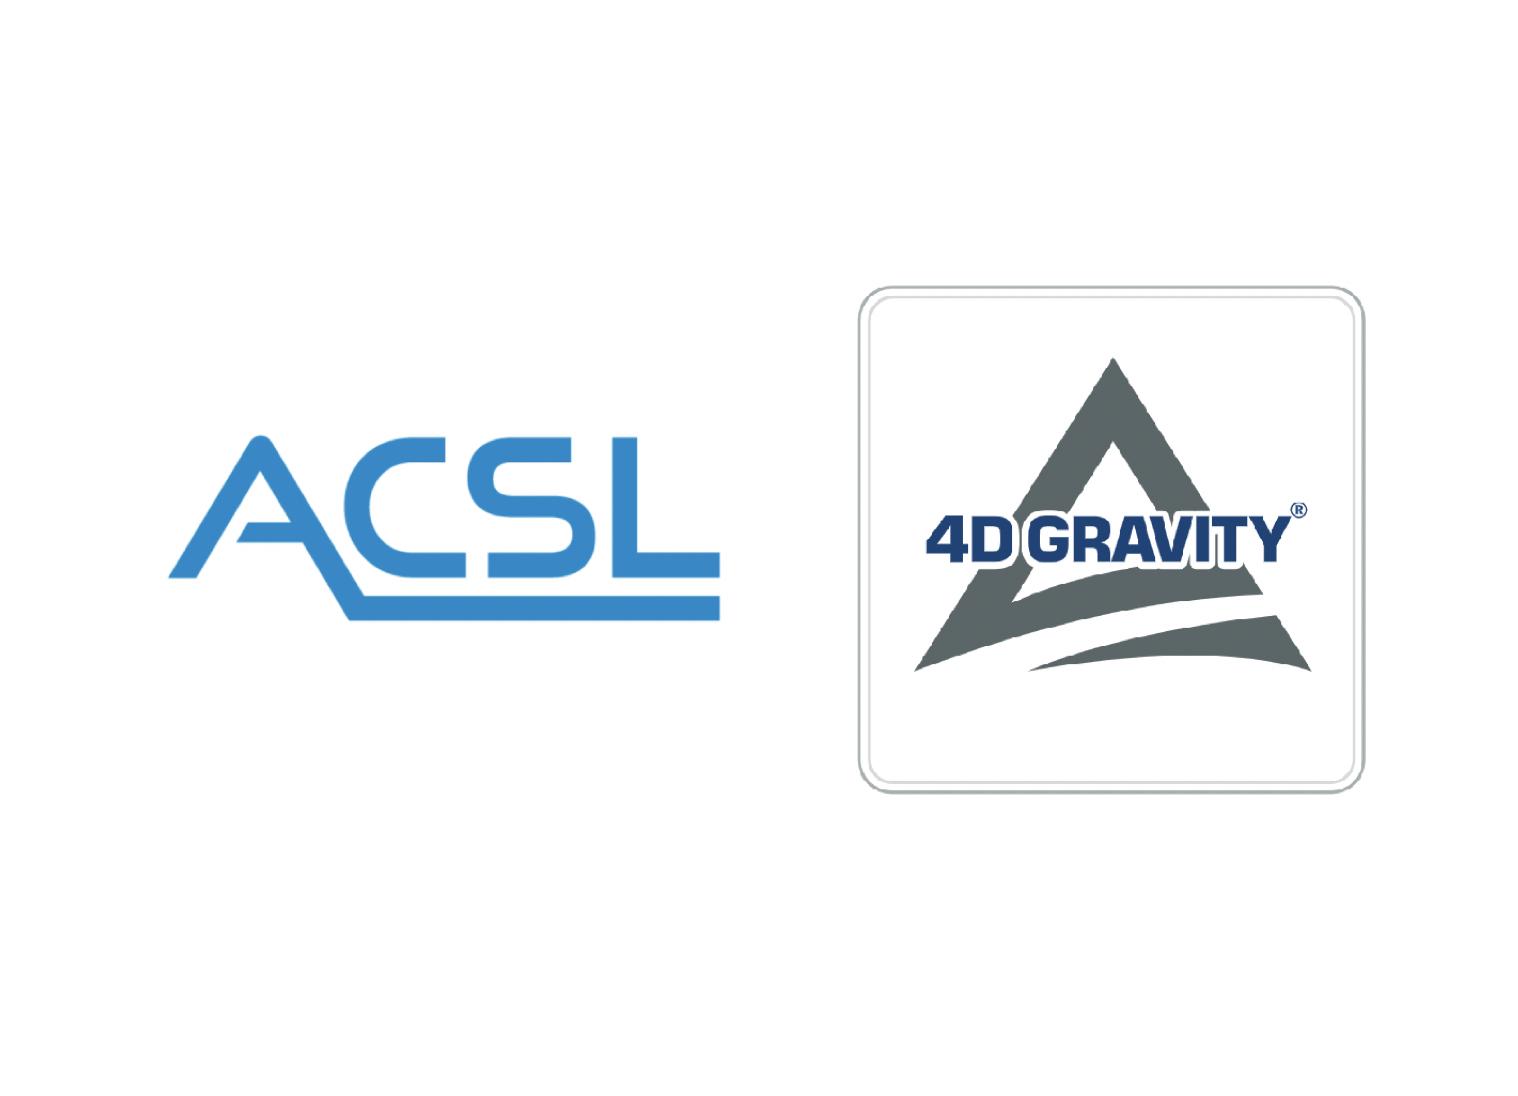 エアロネクスト×ACSL|重心制御技術『4D GRAVITY®︎』を搭載した産業用ドローンの新機体の開発着手